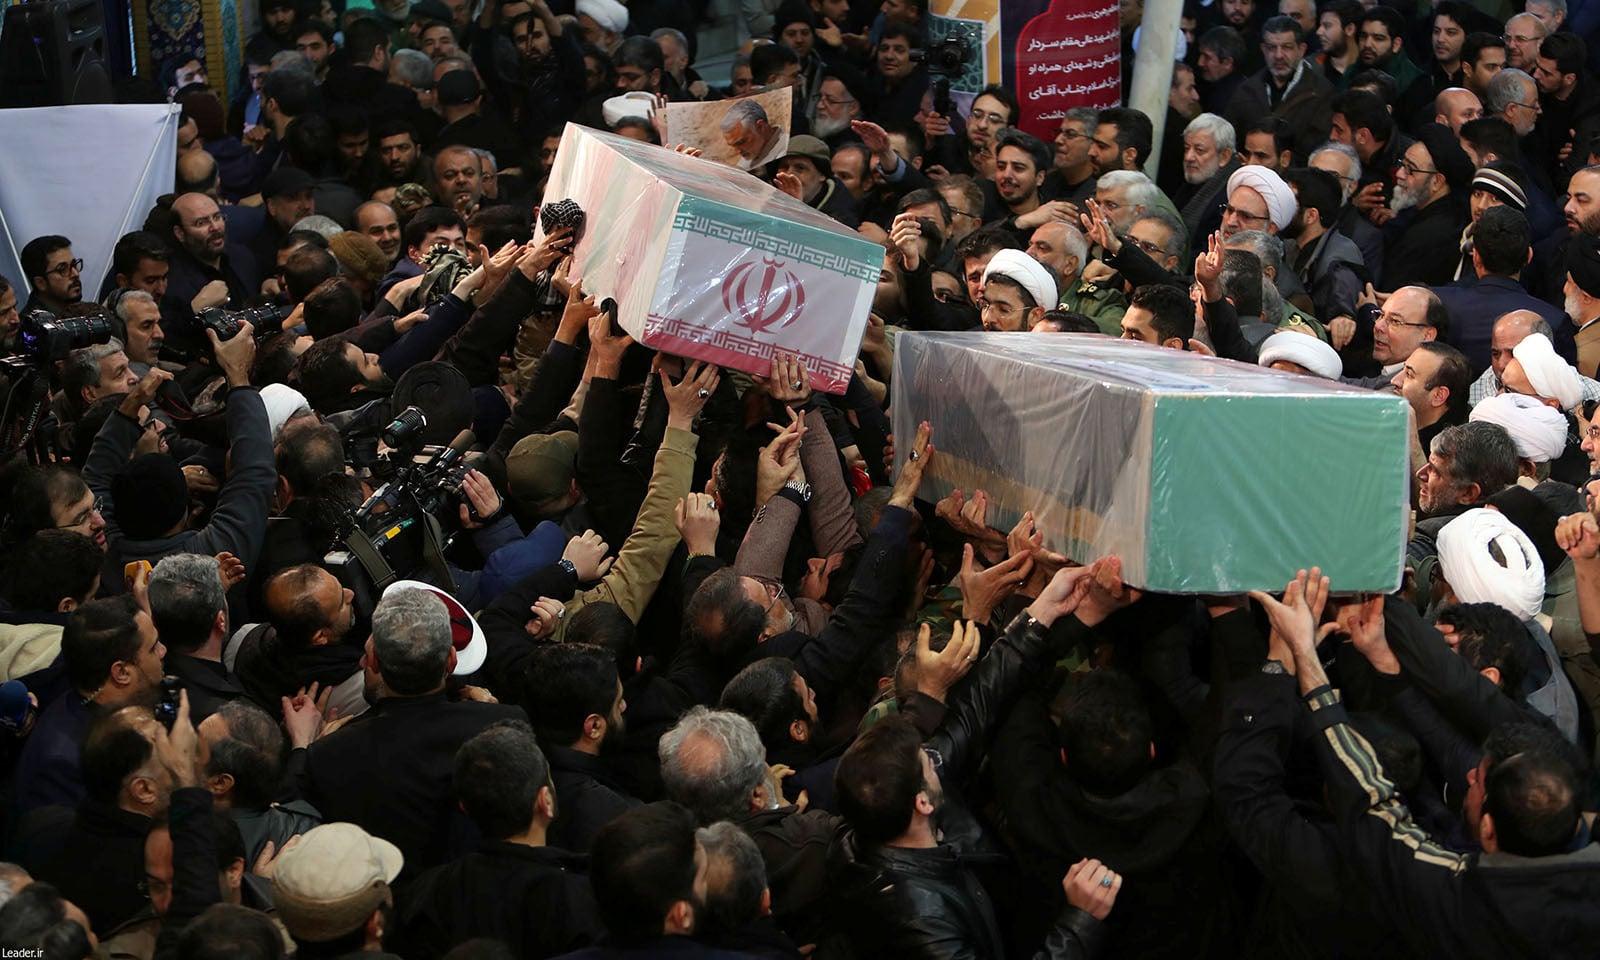 ایرانی کمانڈر قاسم سلیمانی کا جسد خاکی 5 جنوری کو ایران منتقل کیا گیا تھا — فوٹو: رائٹرز